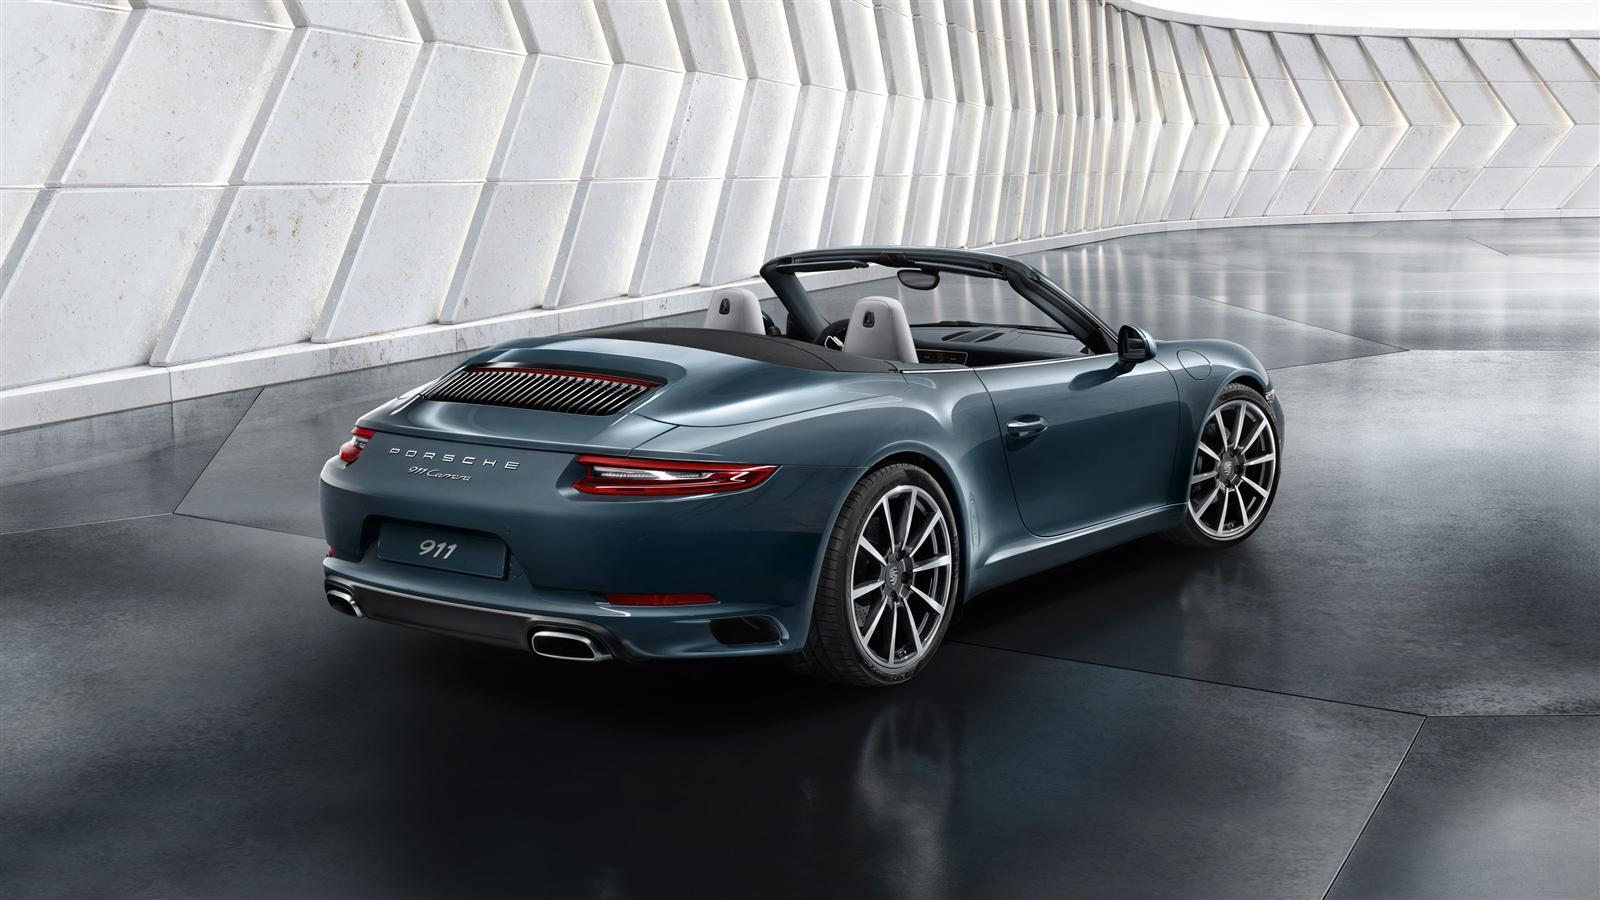 2017 Porsche 911 Carrera | Niello Porsche | Rocklin California ... on 2017 porsche boxster, 2017 ford gt targa, 2017 porsche cayman, 2017 porsche cayenne, 2017 porsche gt3,